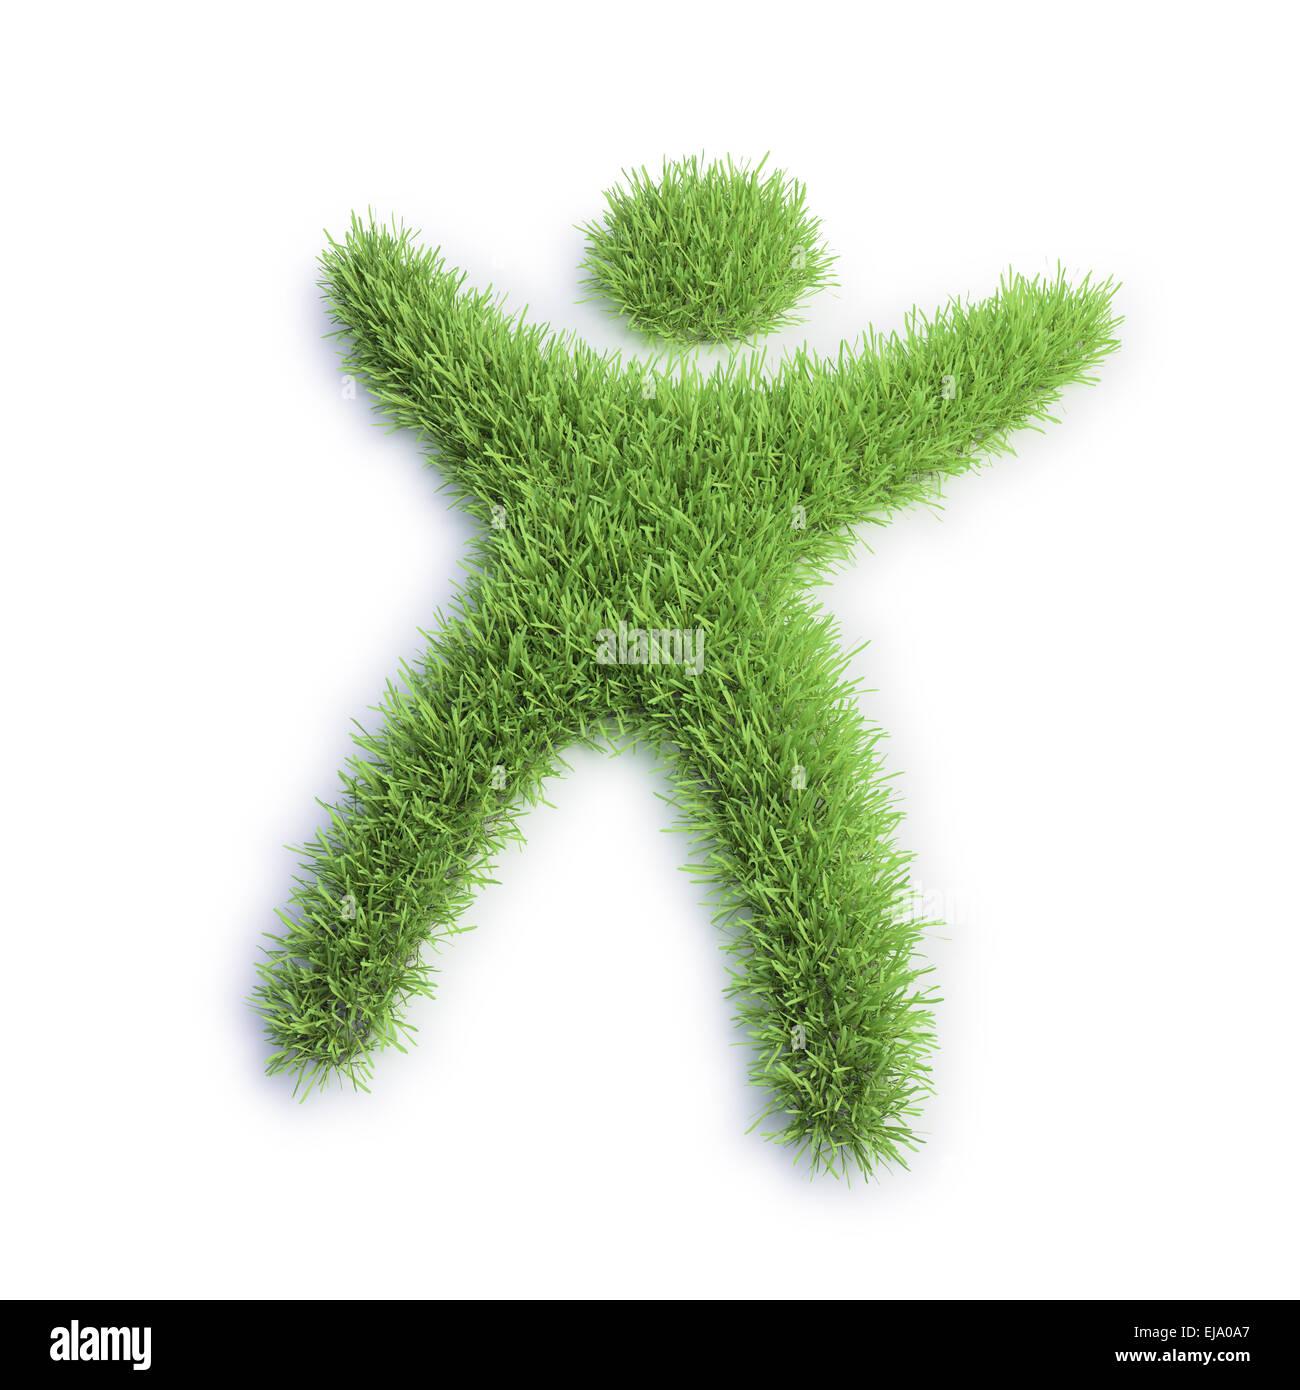 Eco - icono verde de césped con forma humana como un diminuto Imagen De Stock